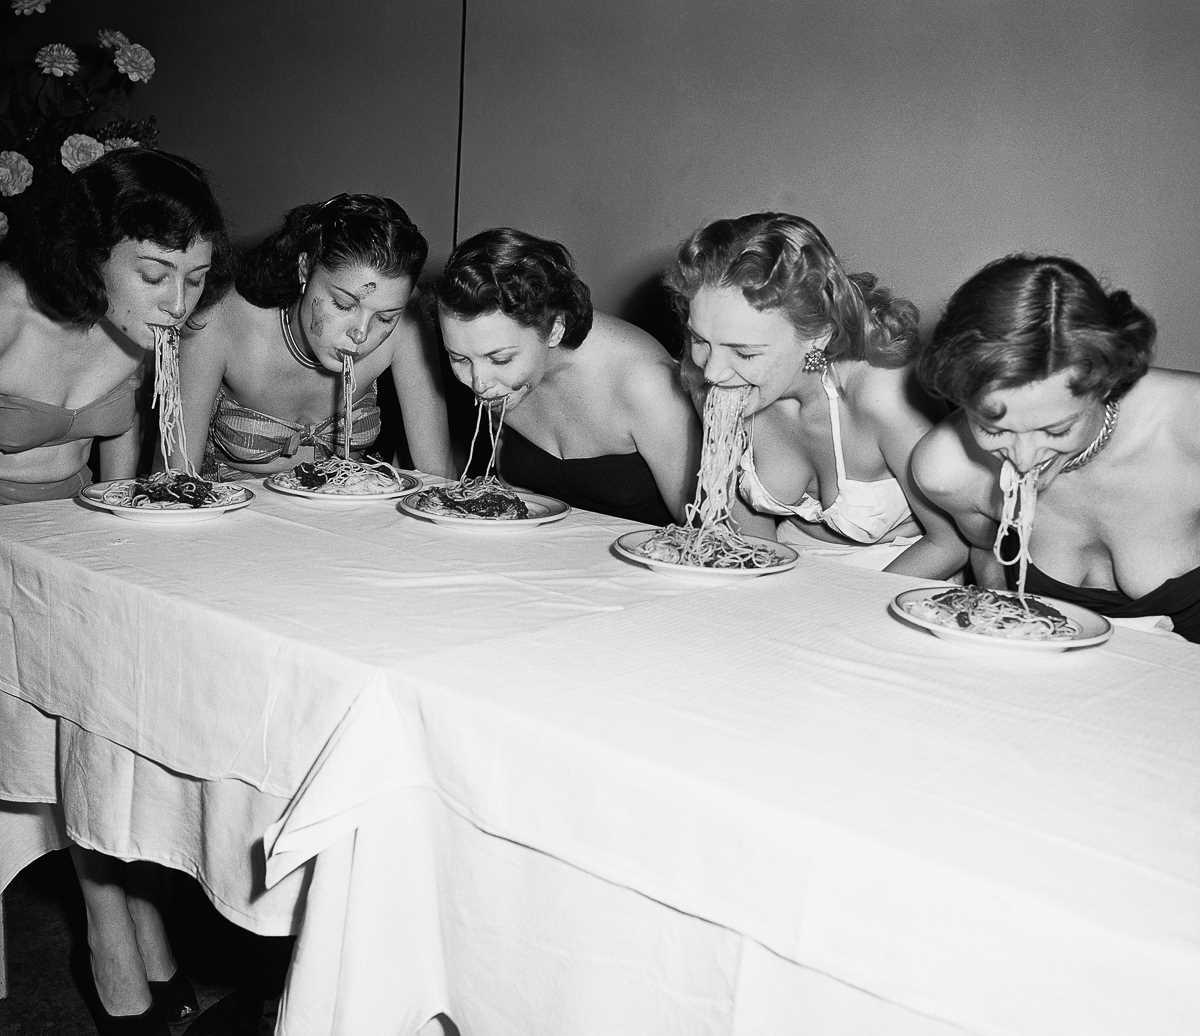 7. 4 ноября 1948 года. Девушки бродвейских шоу соревнуются в конкурсе по поеданию спагетти без рук.